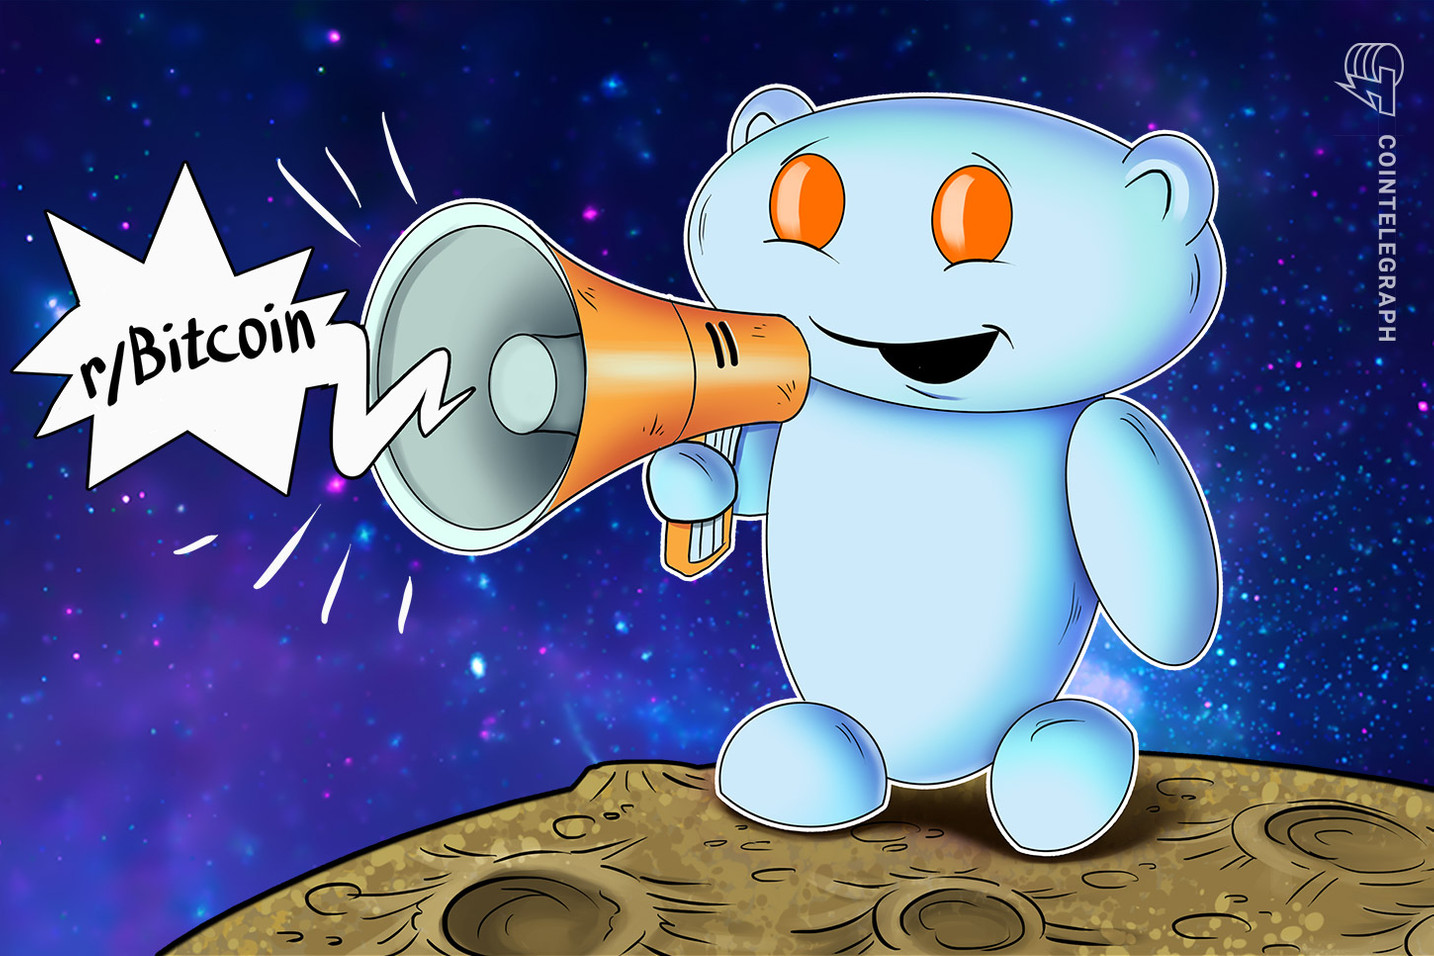 Subreddit /r/Bitcoin alcanza un millón de suscriptores